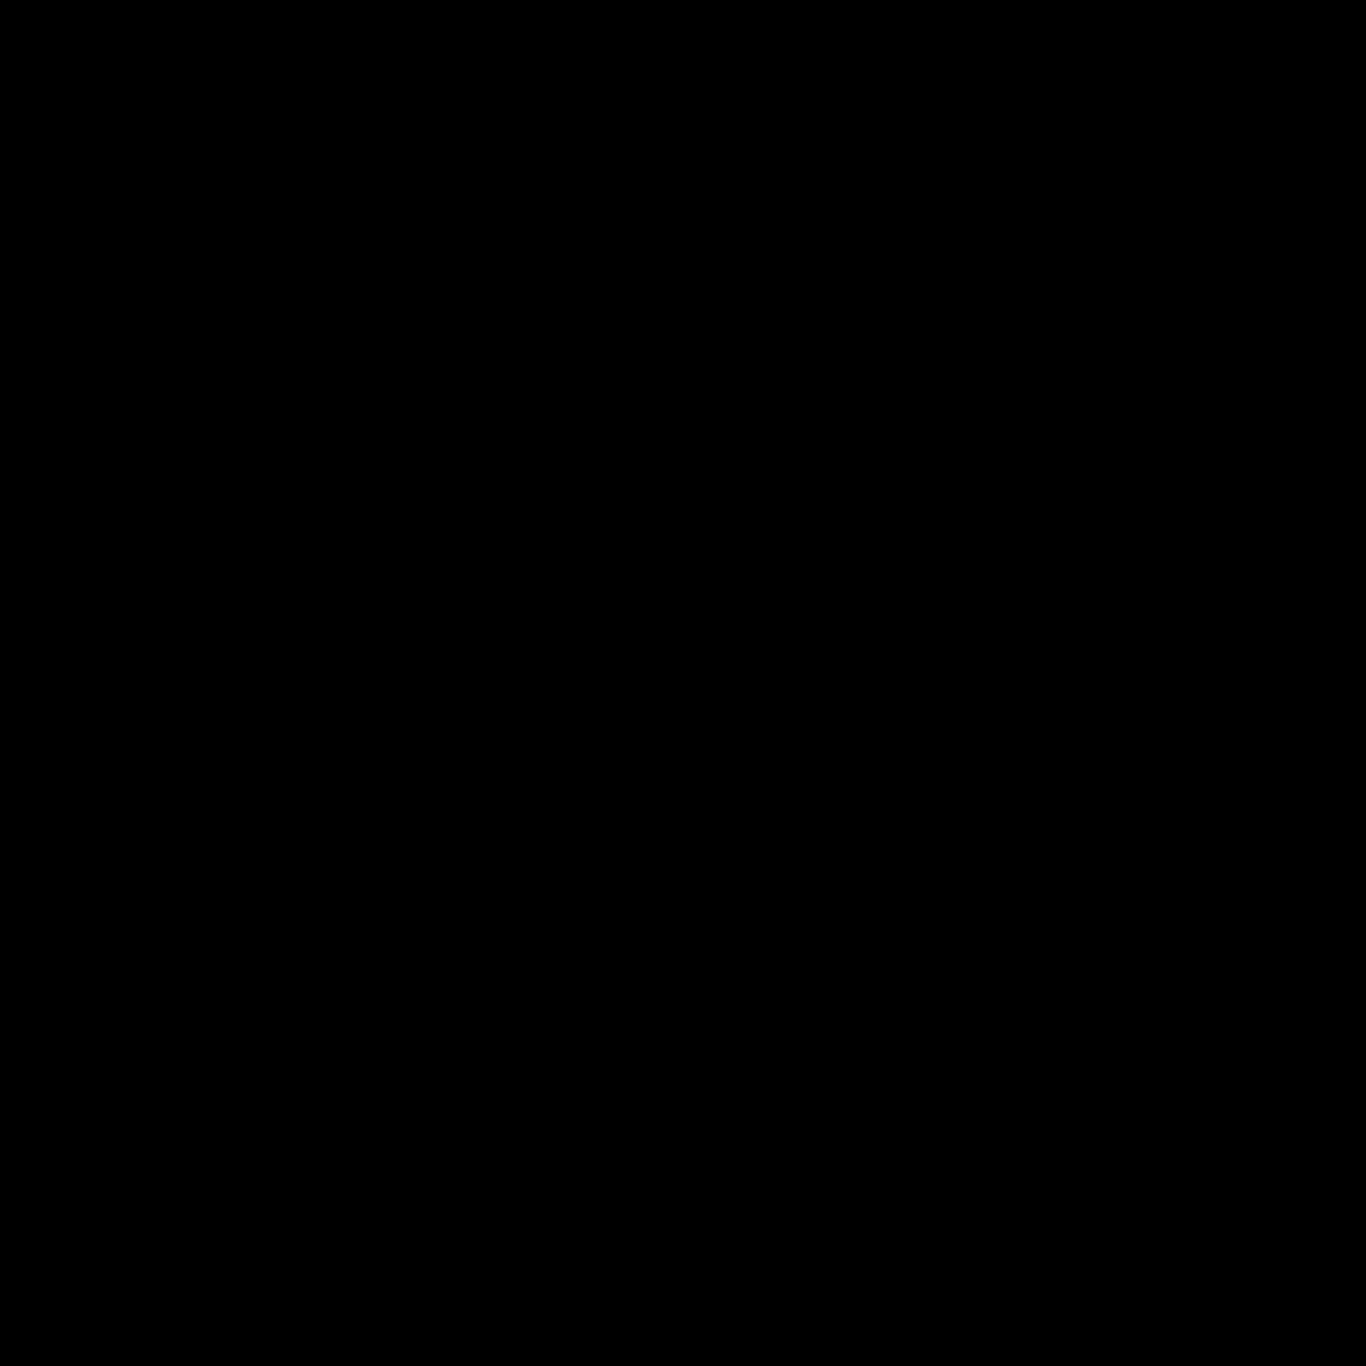 pruena